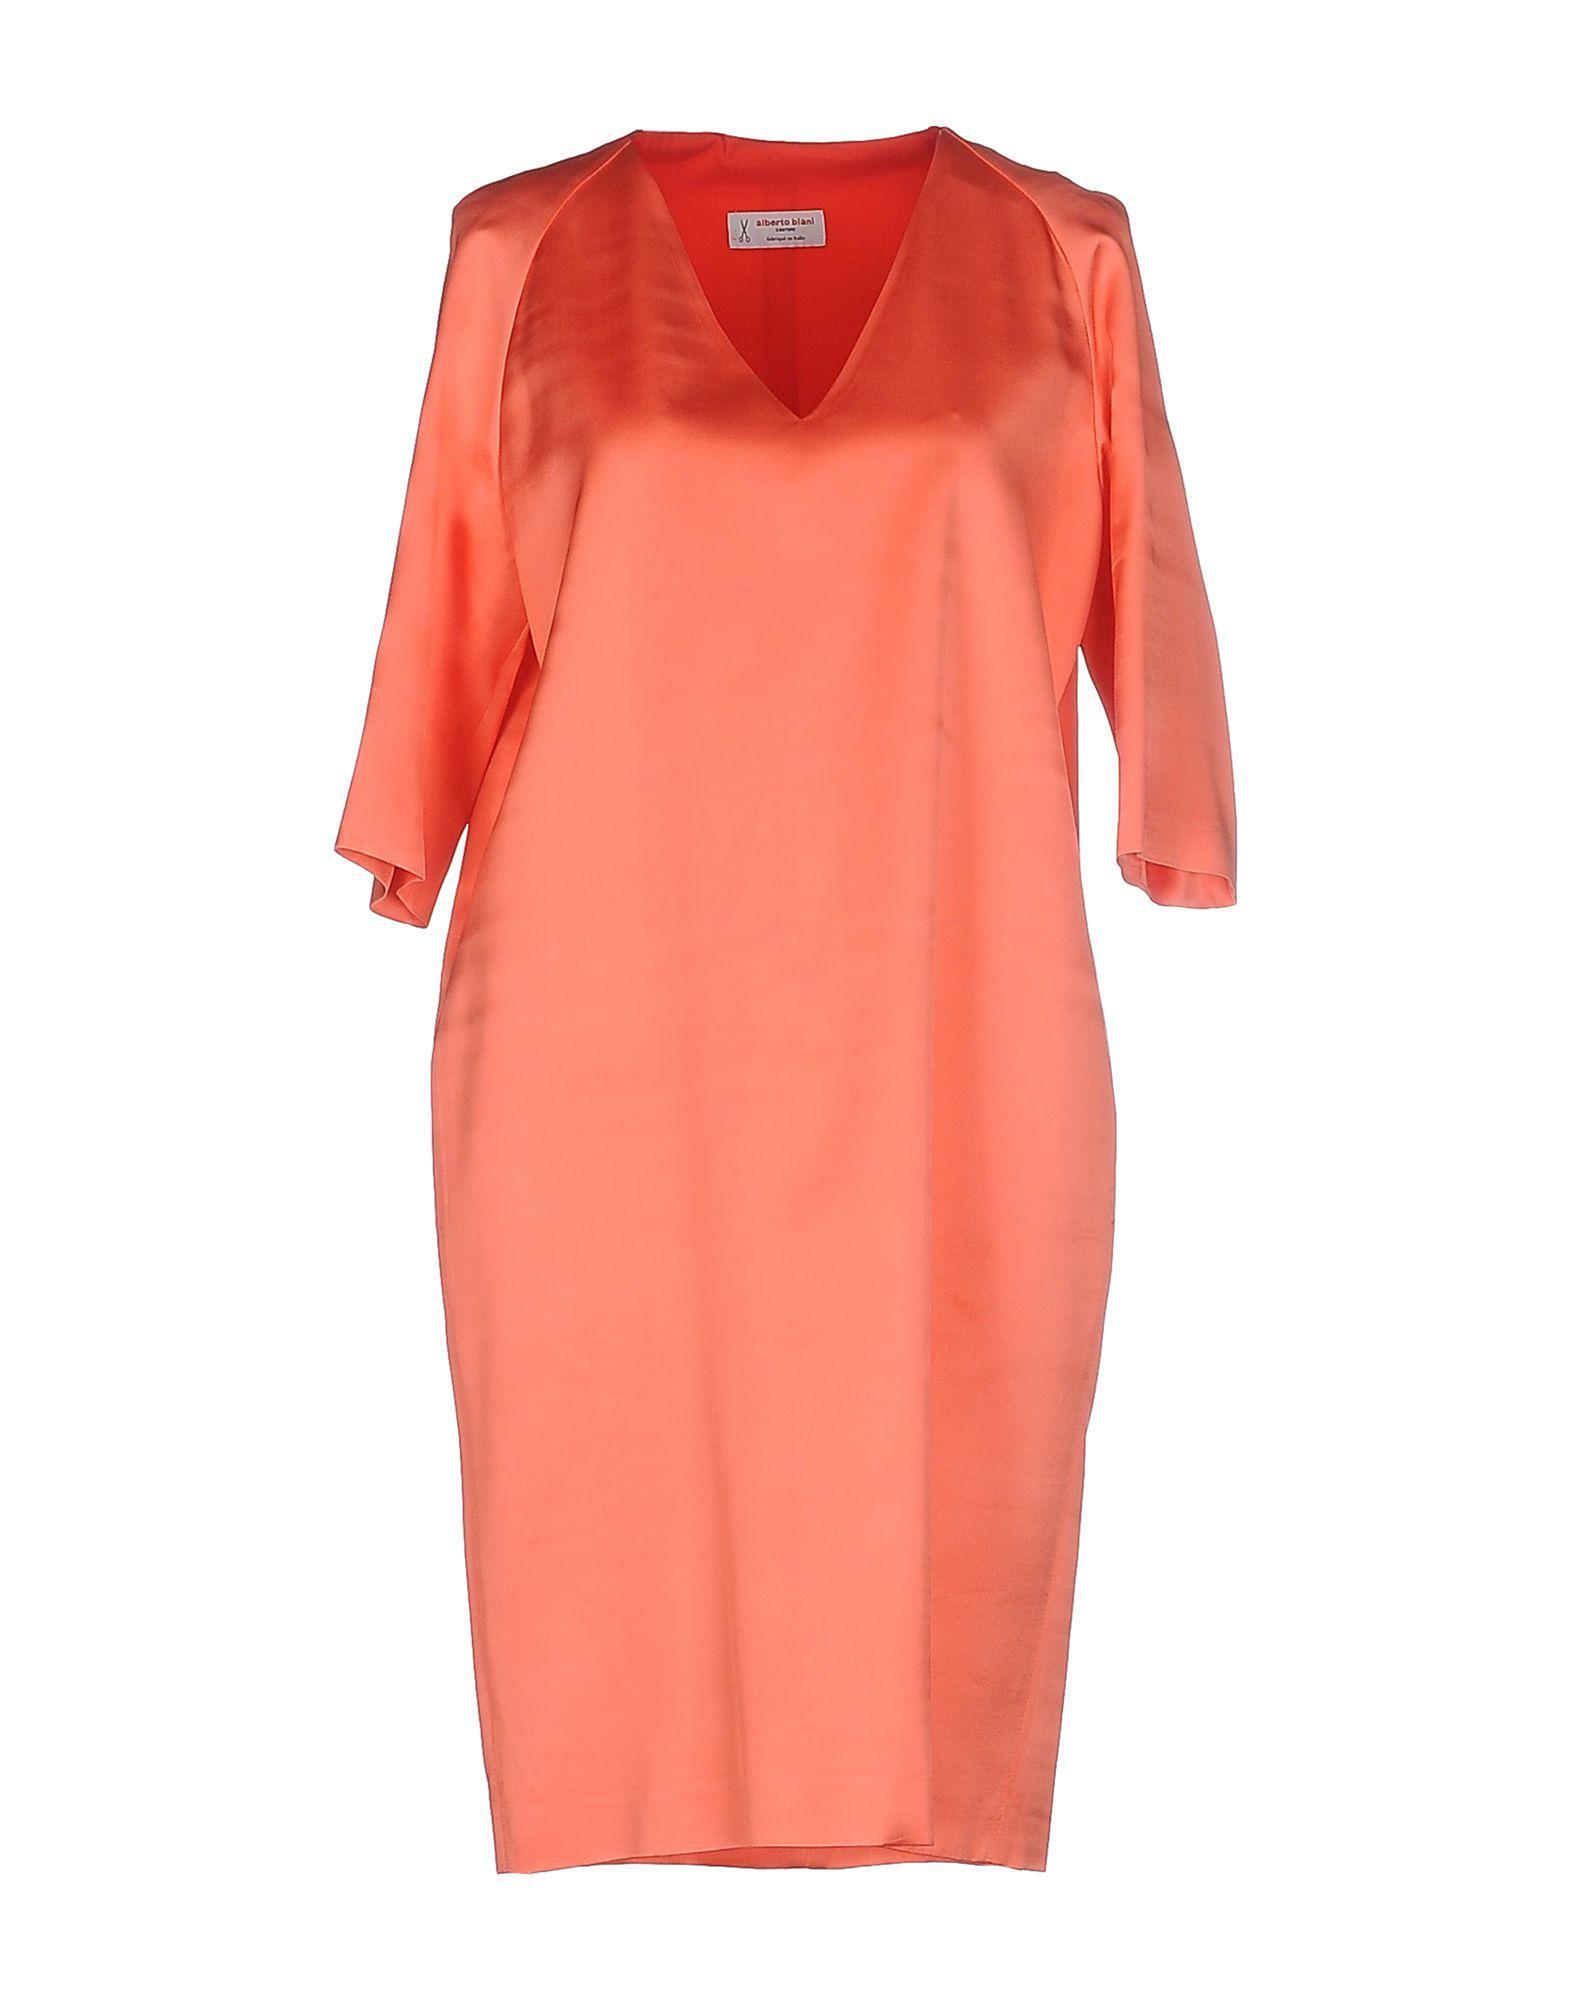 Alberto Dress Biani In Lyst Short Pink vqvr7Un